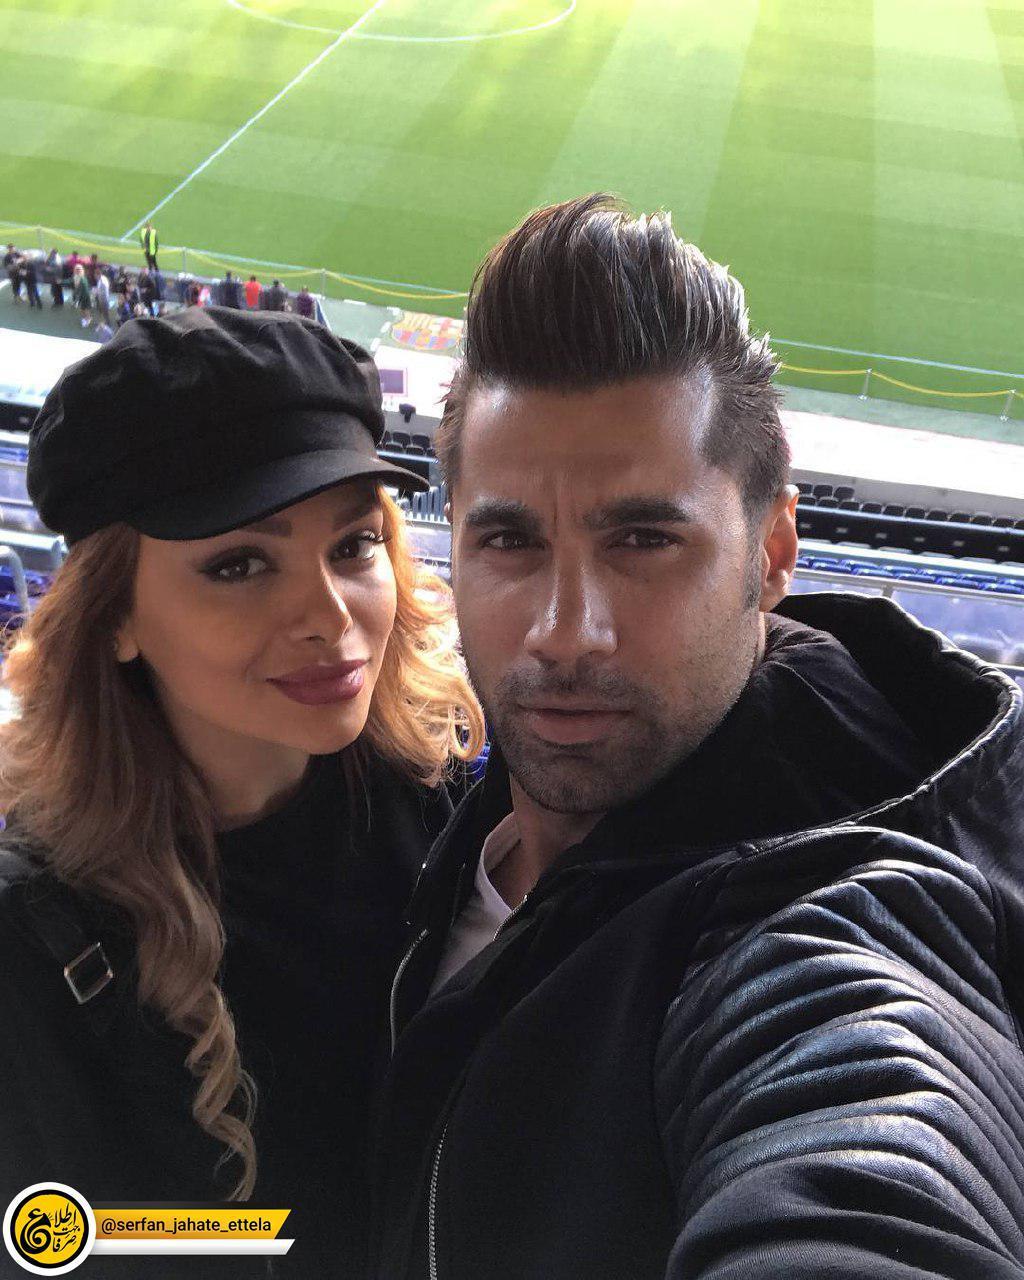 محسن فروزان و همسرش نسیم نهالی در ورزشگاه نیوکمپ بارسلون